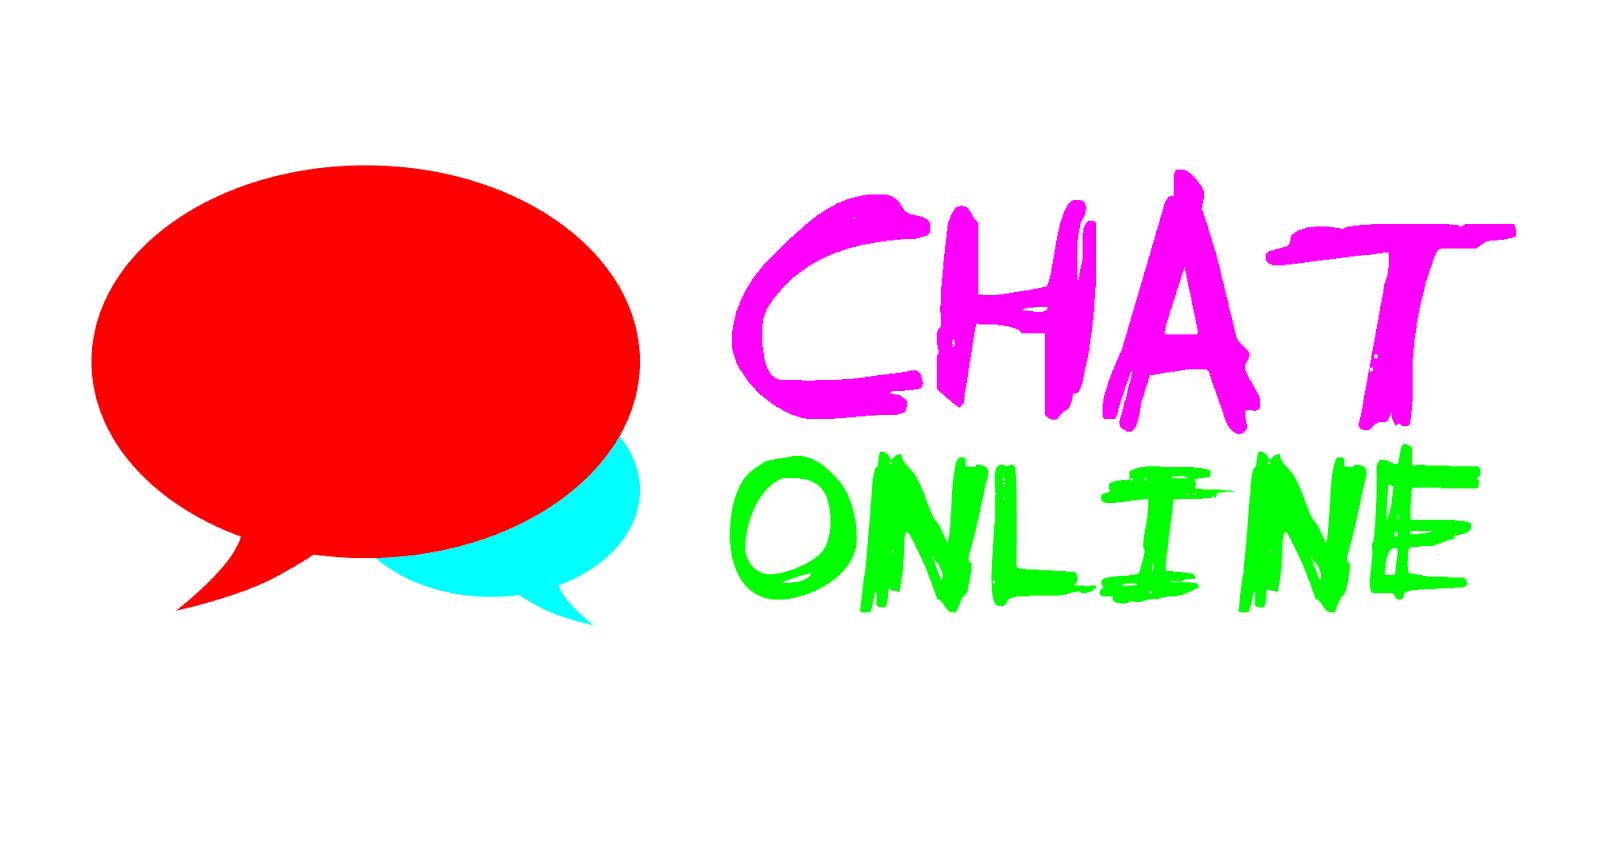 ola chat sites Responsive blogger templates  các bạn trẻ đồng tháp yêu quý, olaprovn xin giới thiệu đến các bạn phòng chat ola zalo đồng tháp dành cho các bạn mê chat ola zalophòng chat ola zalo đồng tháp.